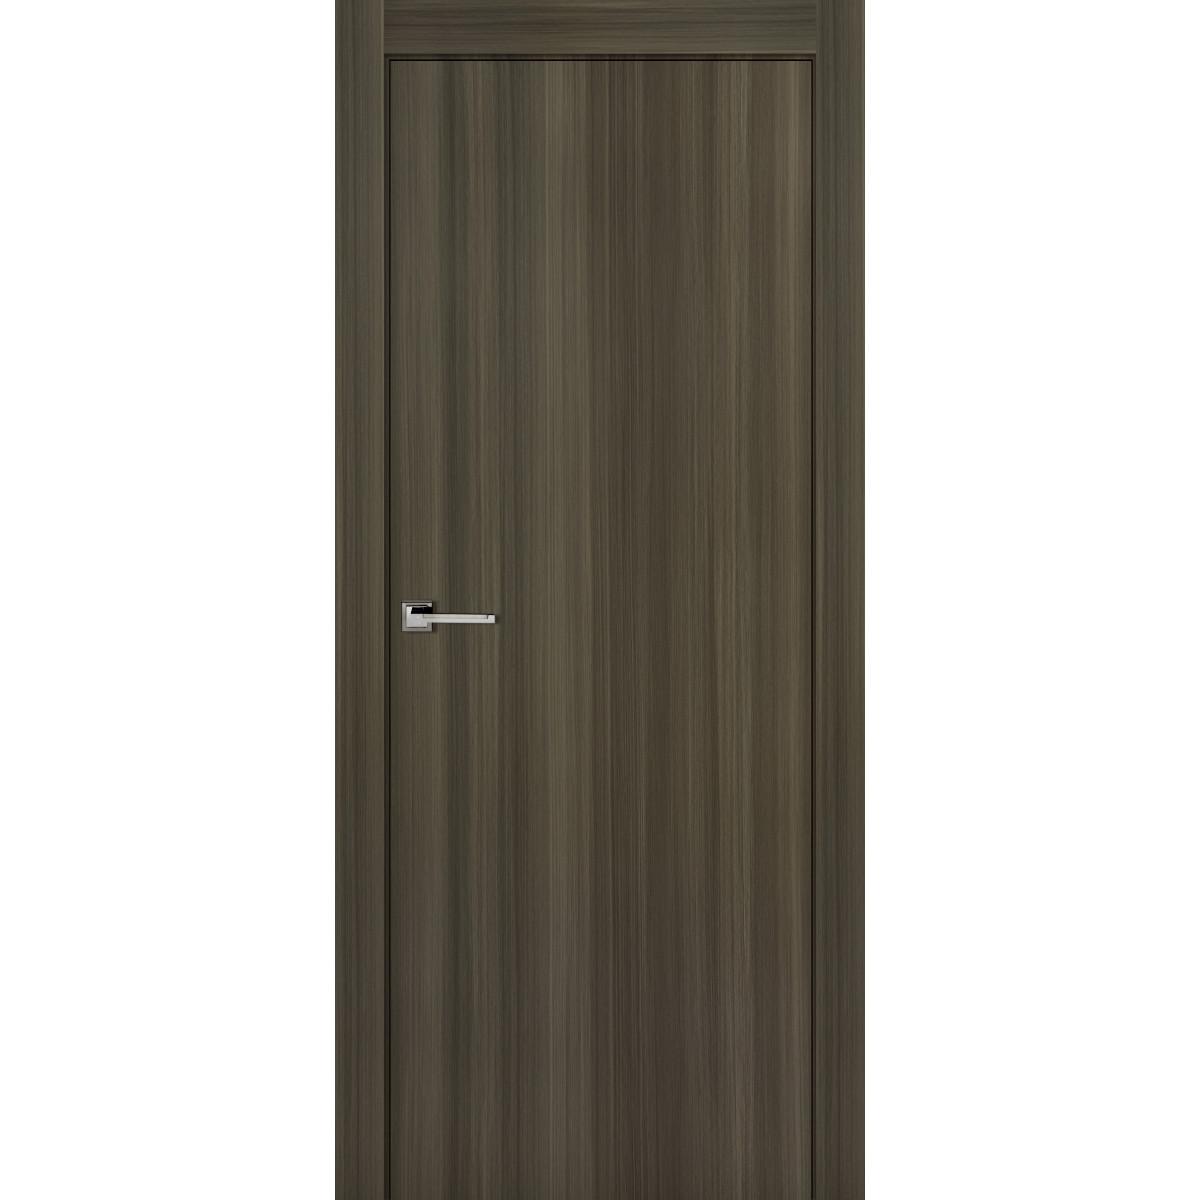 Дверь Межкомнатная Глухая Селена 200x70 Цвет Сандал